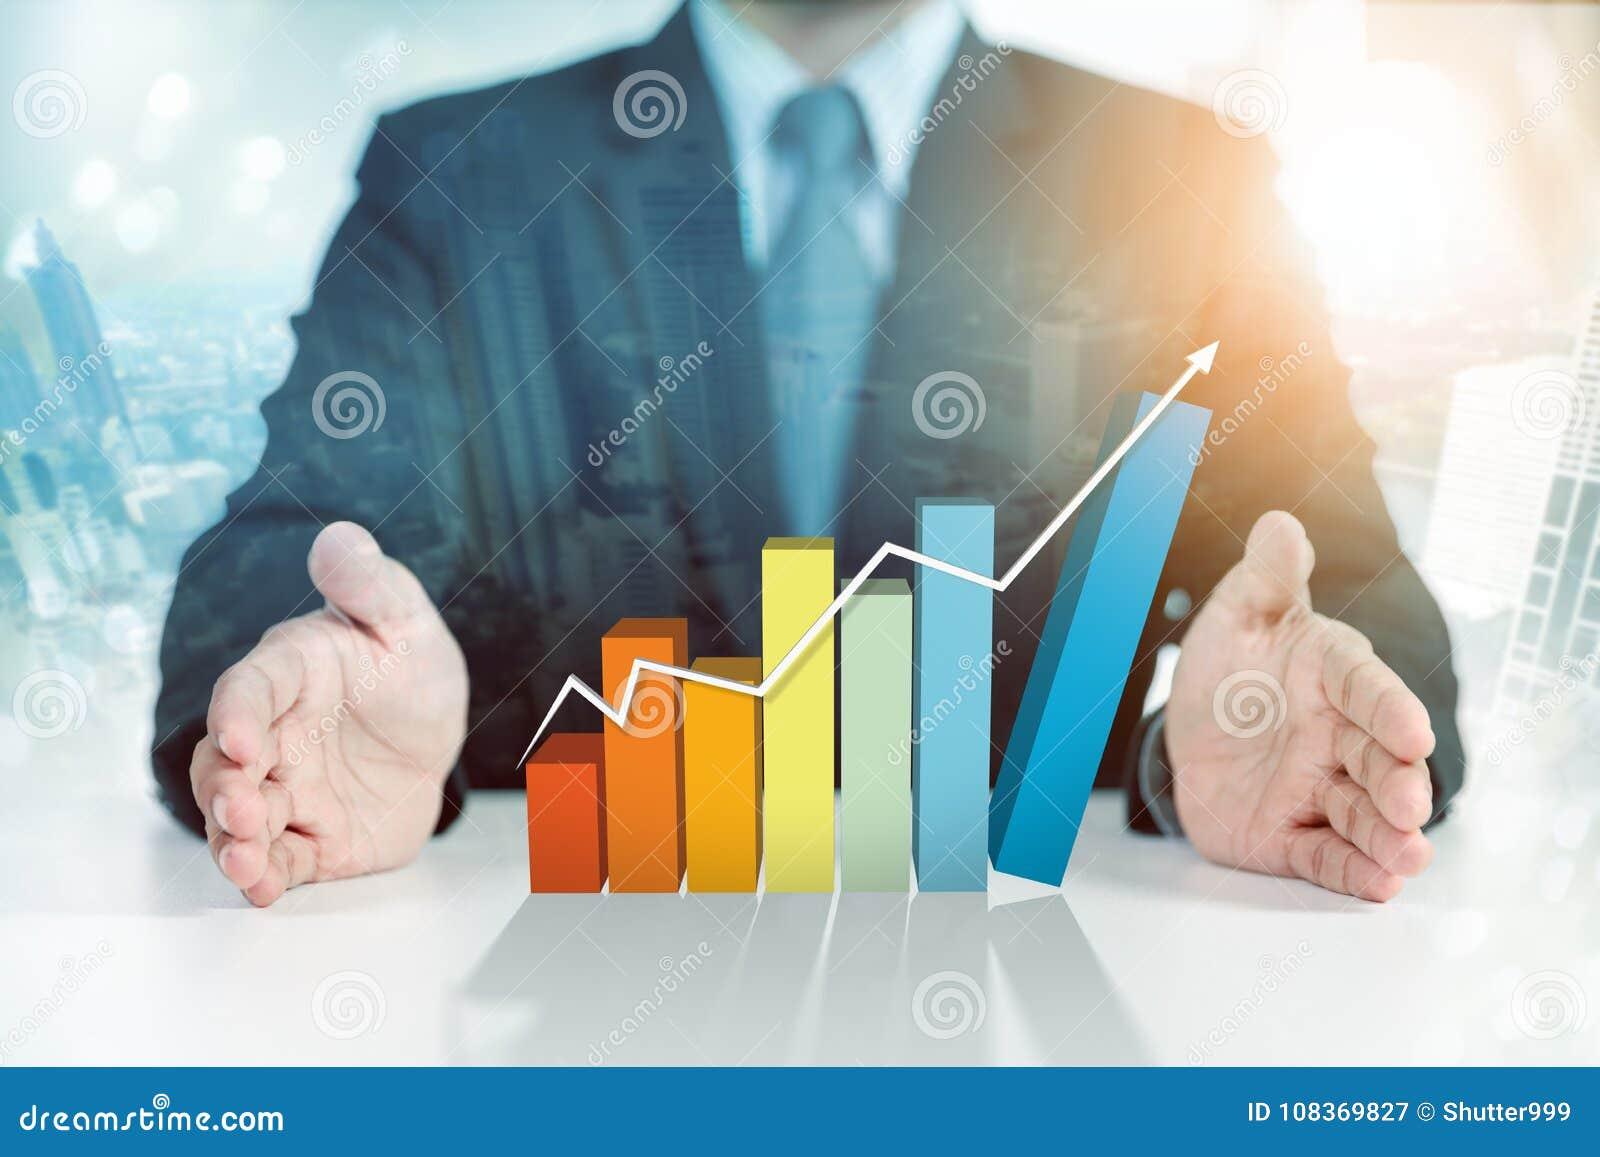 Graphique en hausse actuel d homme d affaires, croissance d affaires